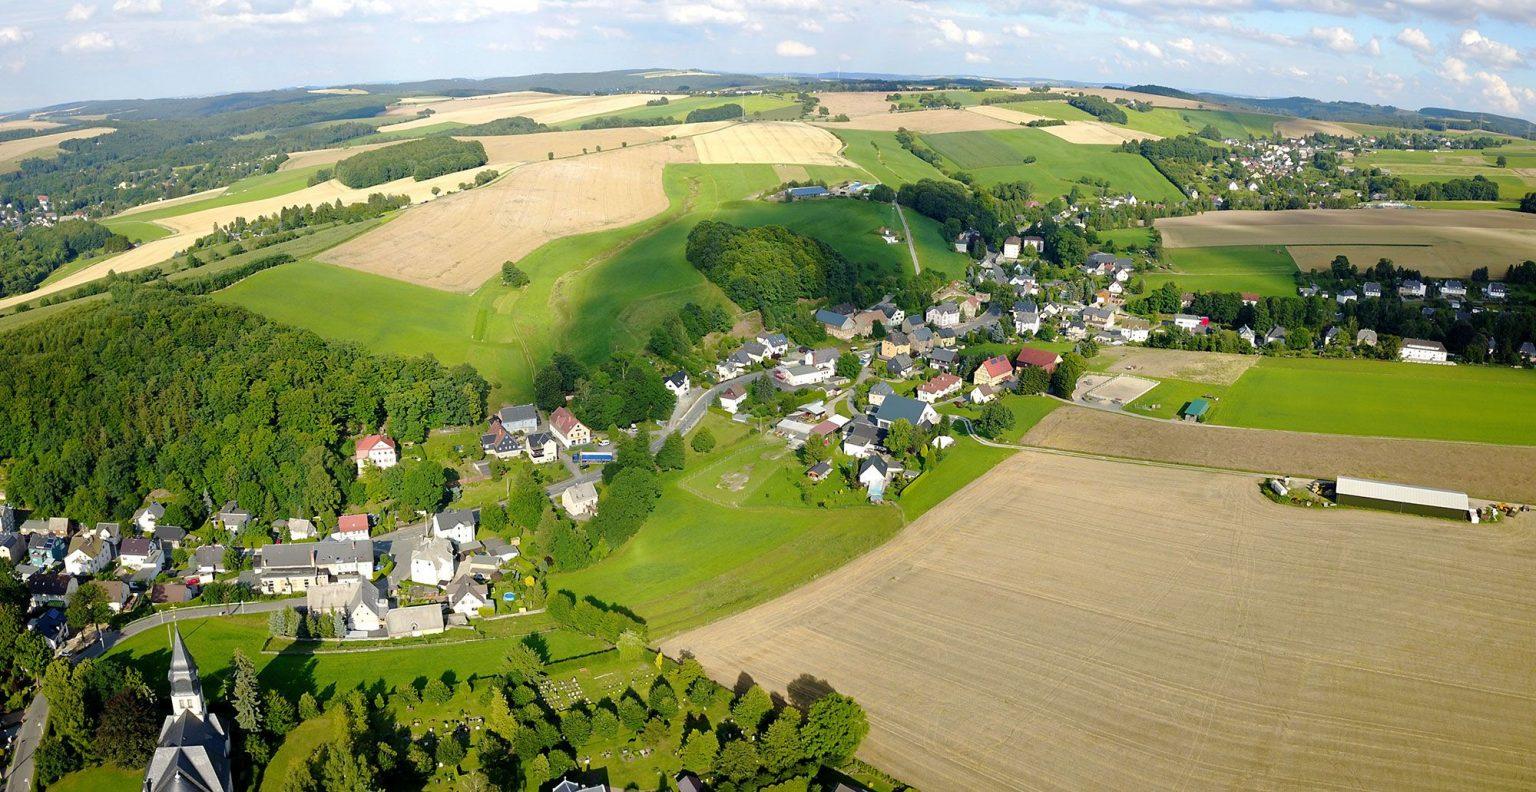 2017-07-22-Klaffenbach-Panorama-4-c